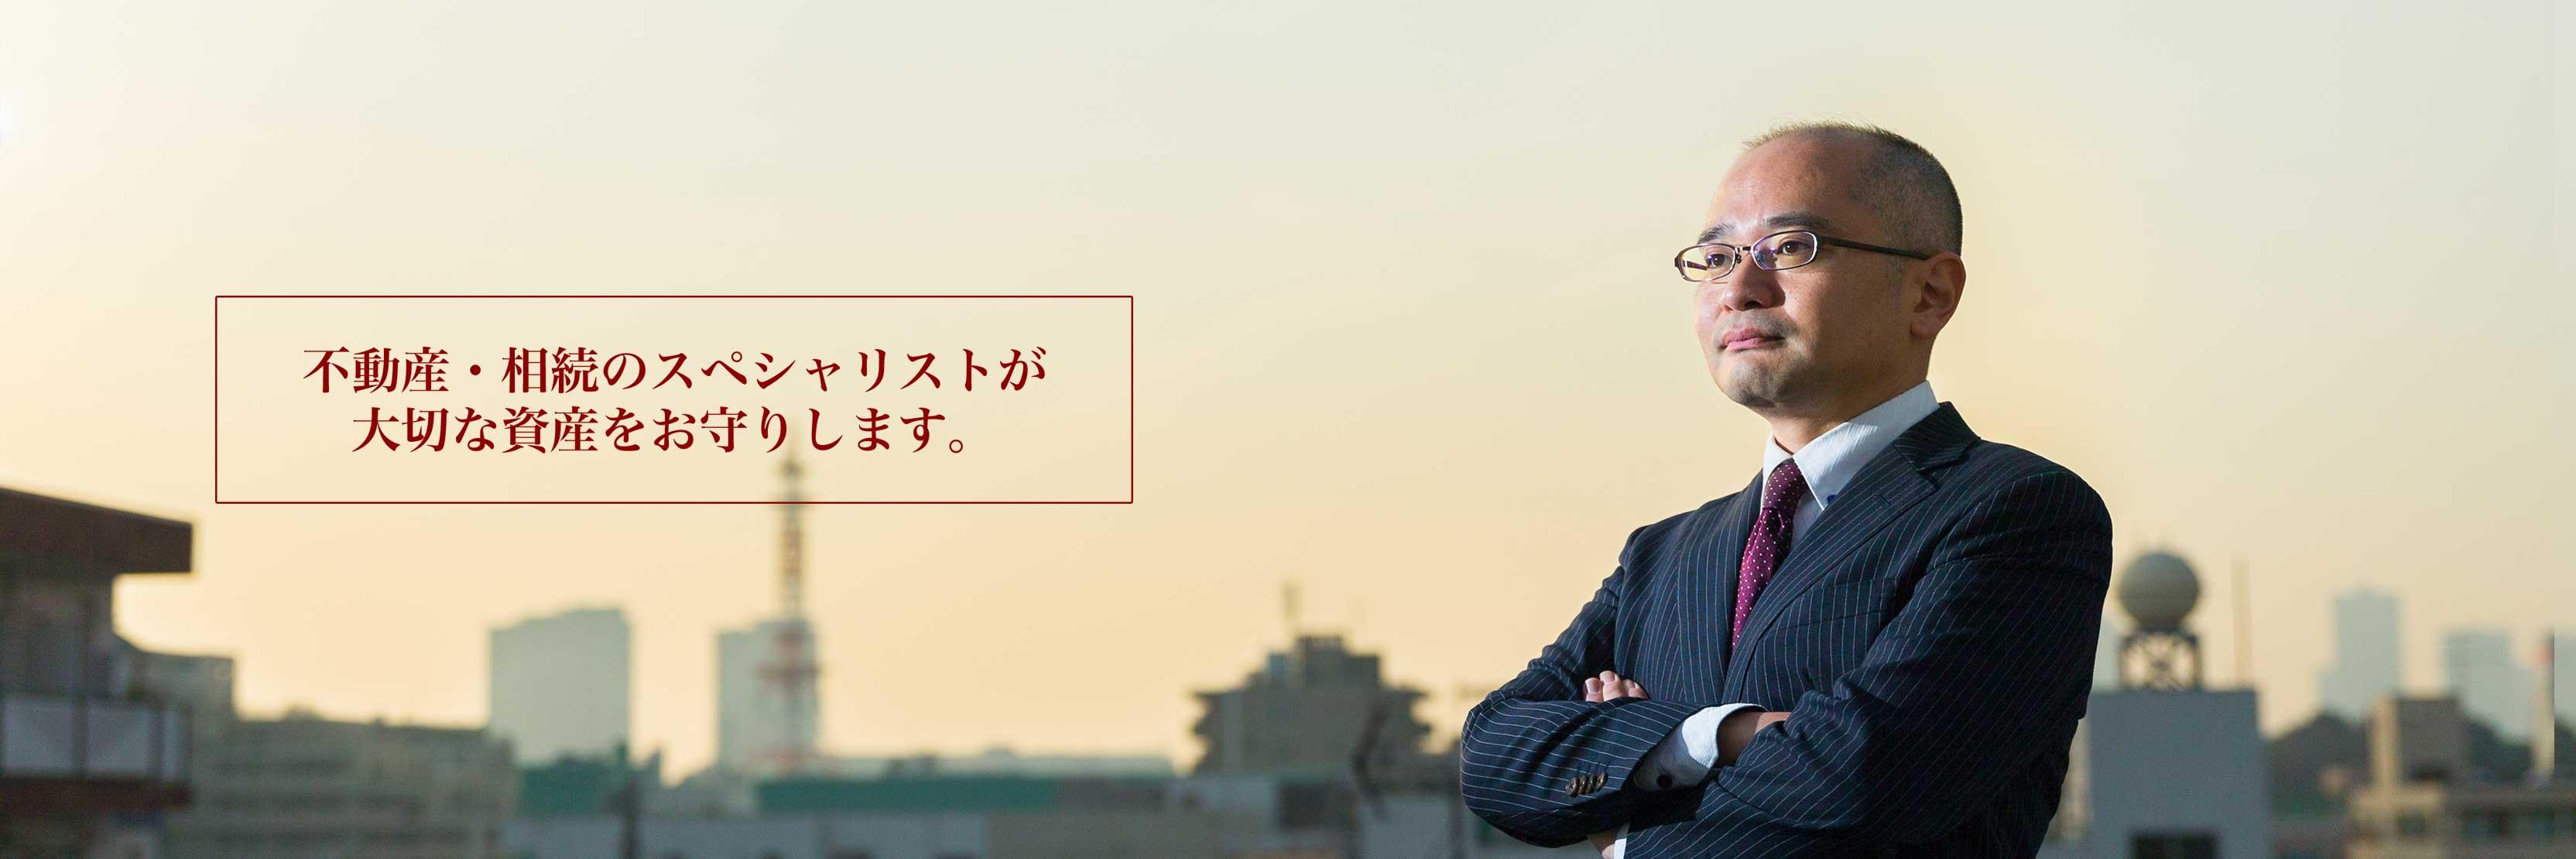 大田区の不動産・相続相談のスペシャリスト